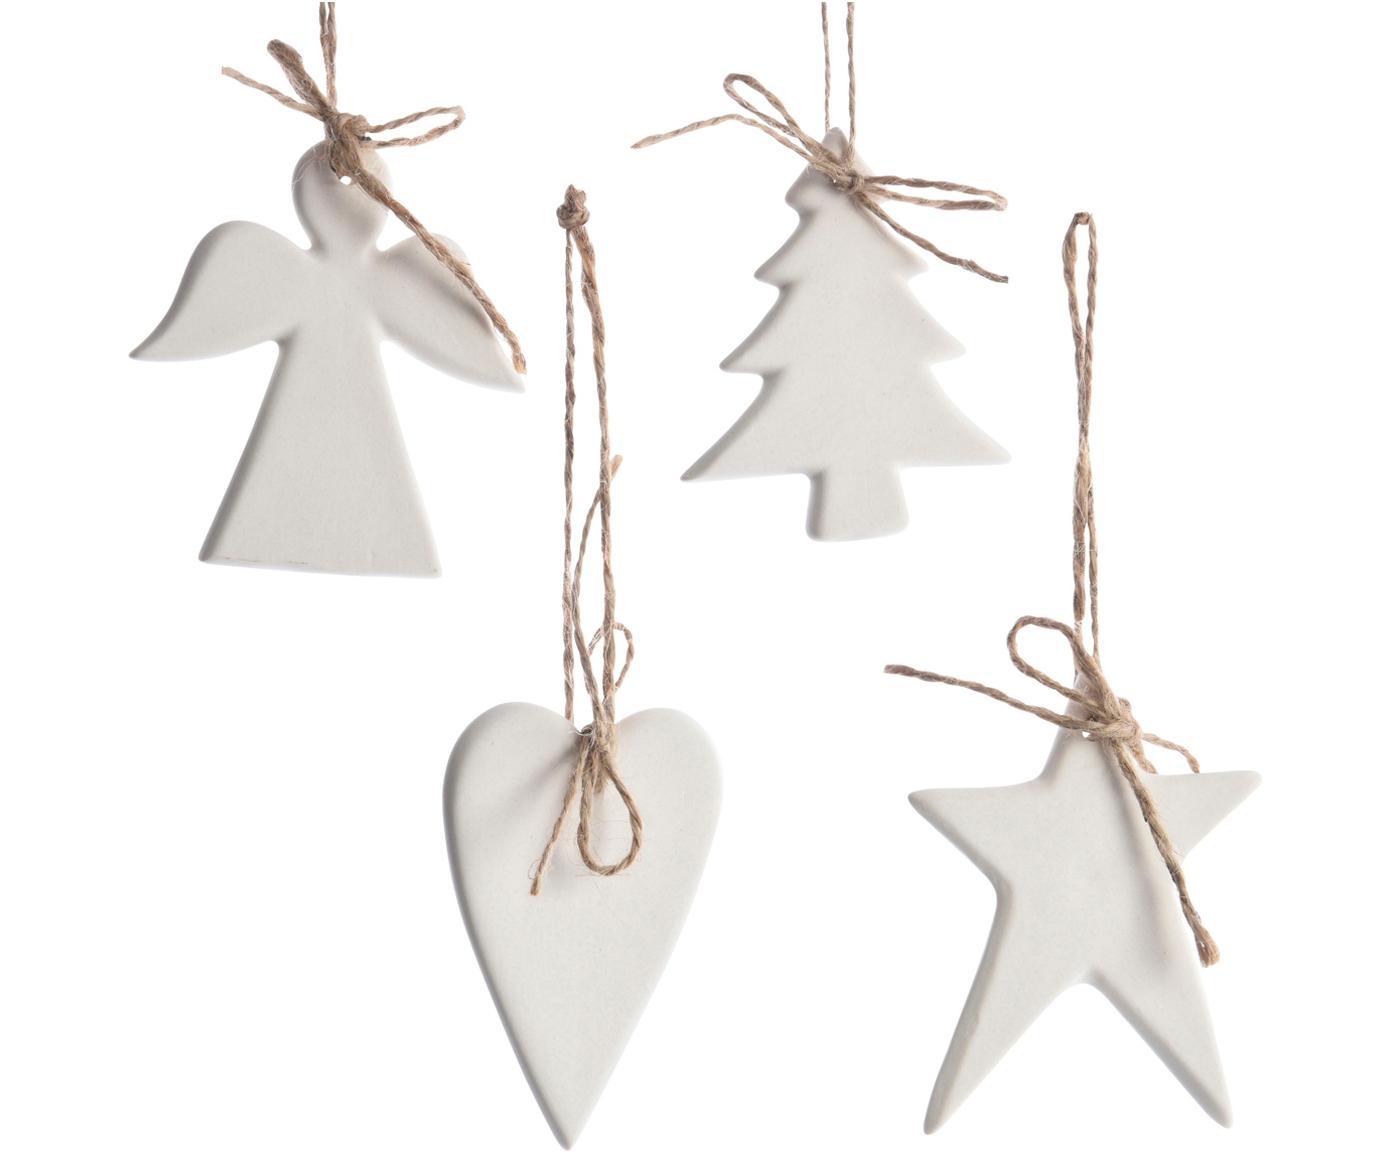 Boomhangersset Ornament, 4-delig, Ophanglus: jute, Wit, 6 x 8 cm